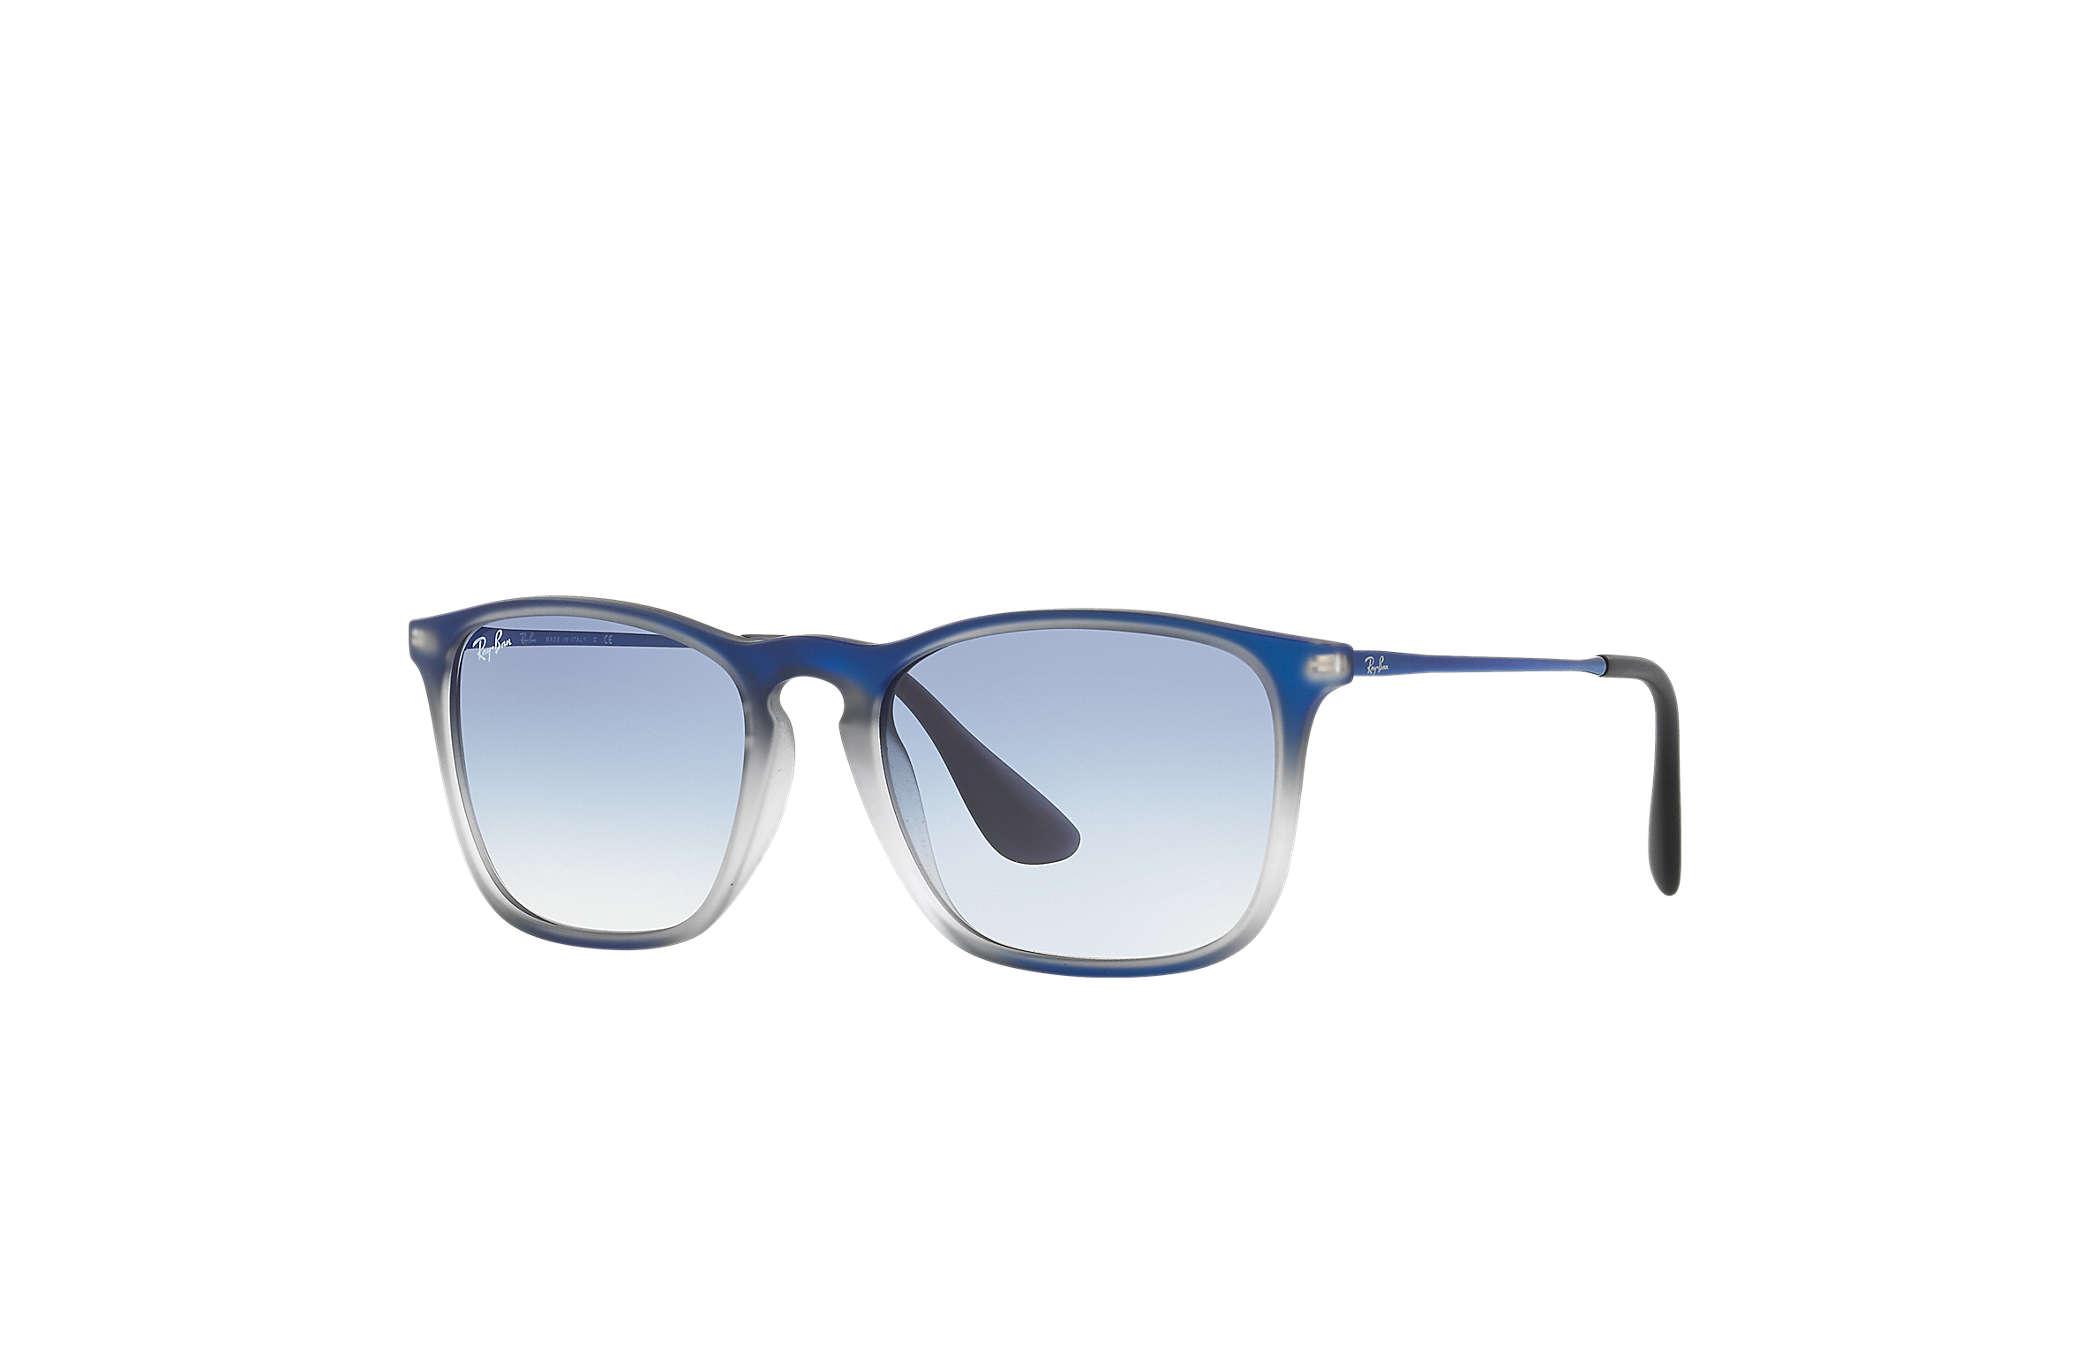 17c47da0662ad Ray-Ban Chris RB4187 Blue - Nylon - Light Blue Lenses ...